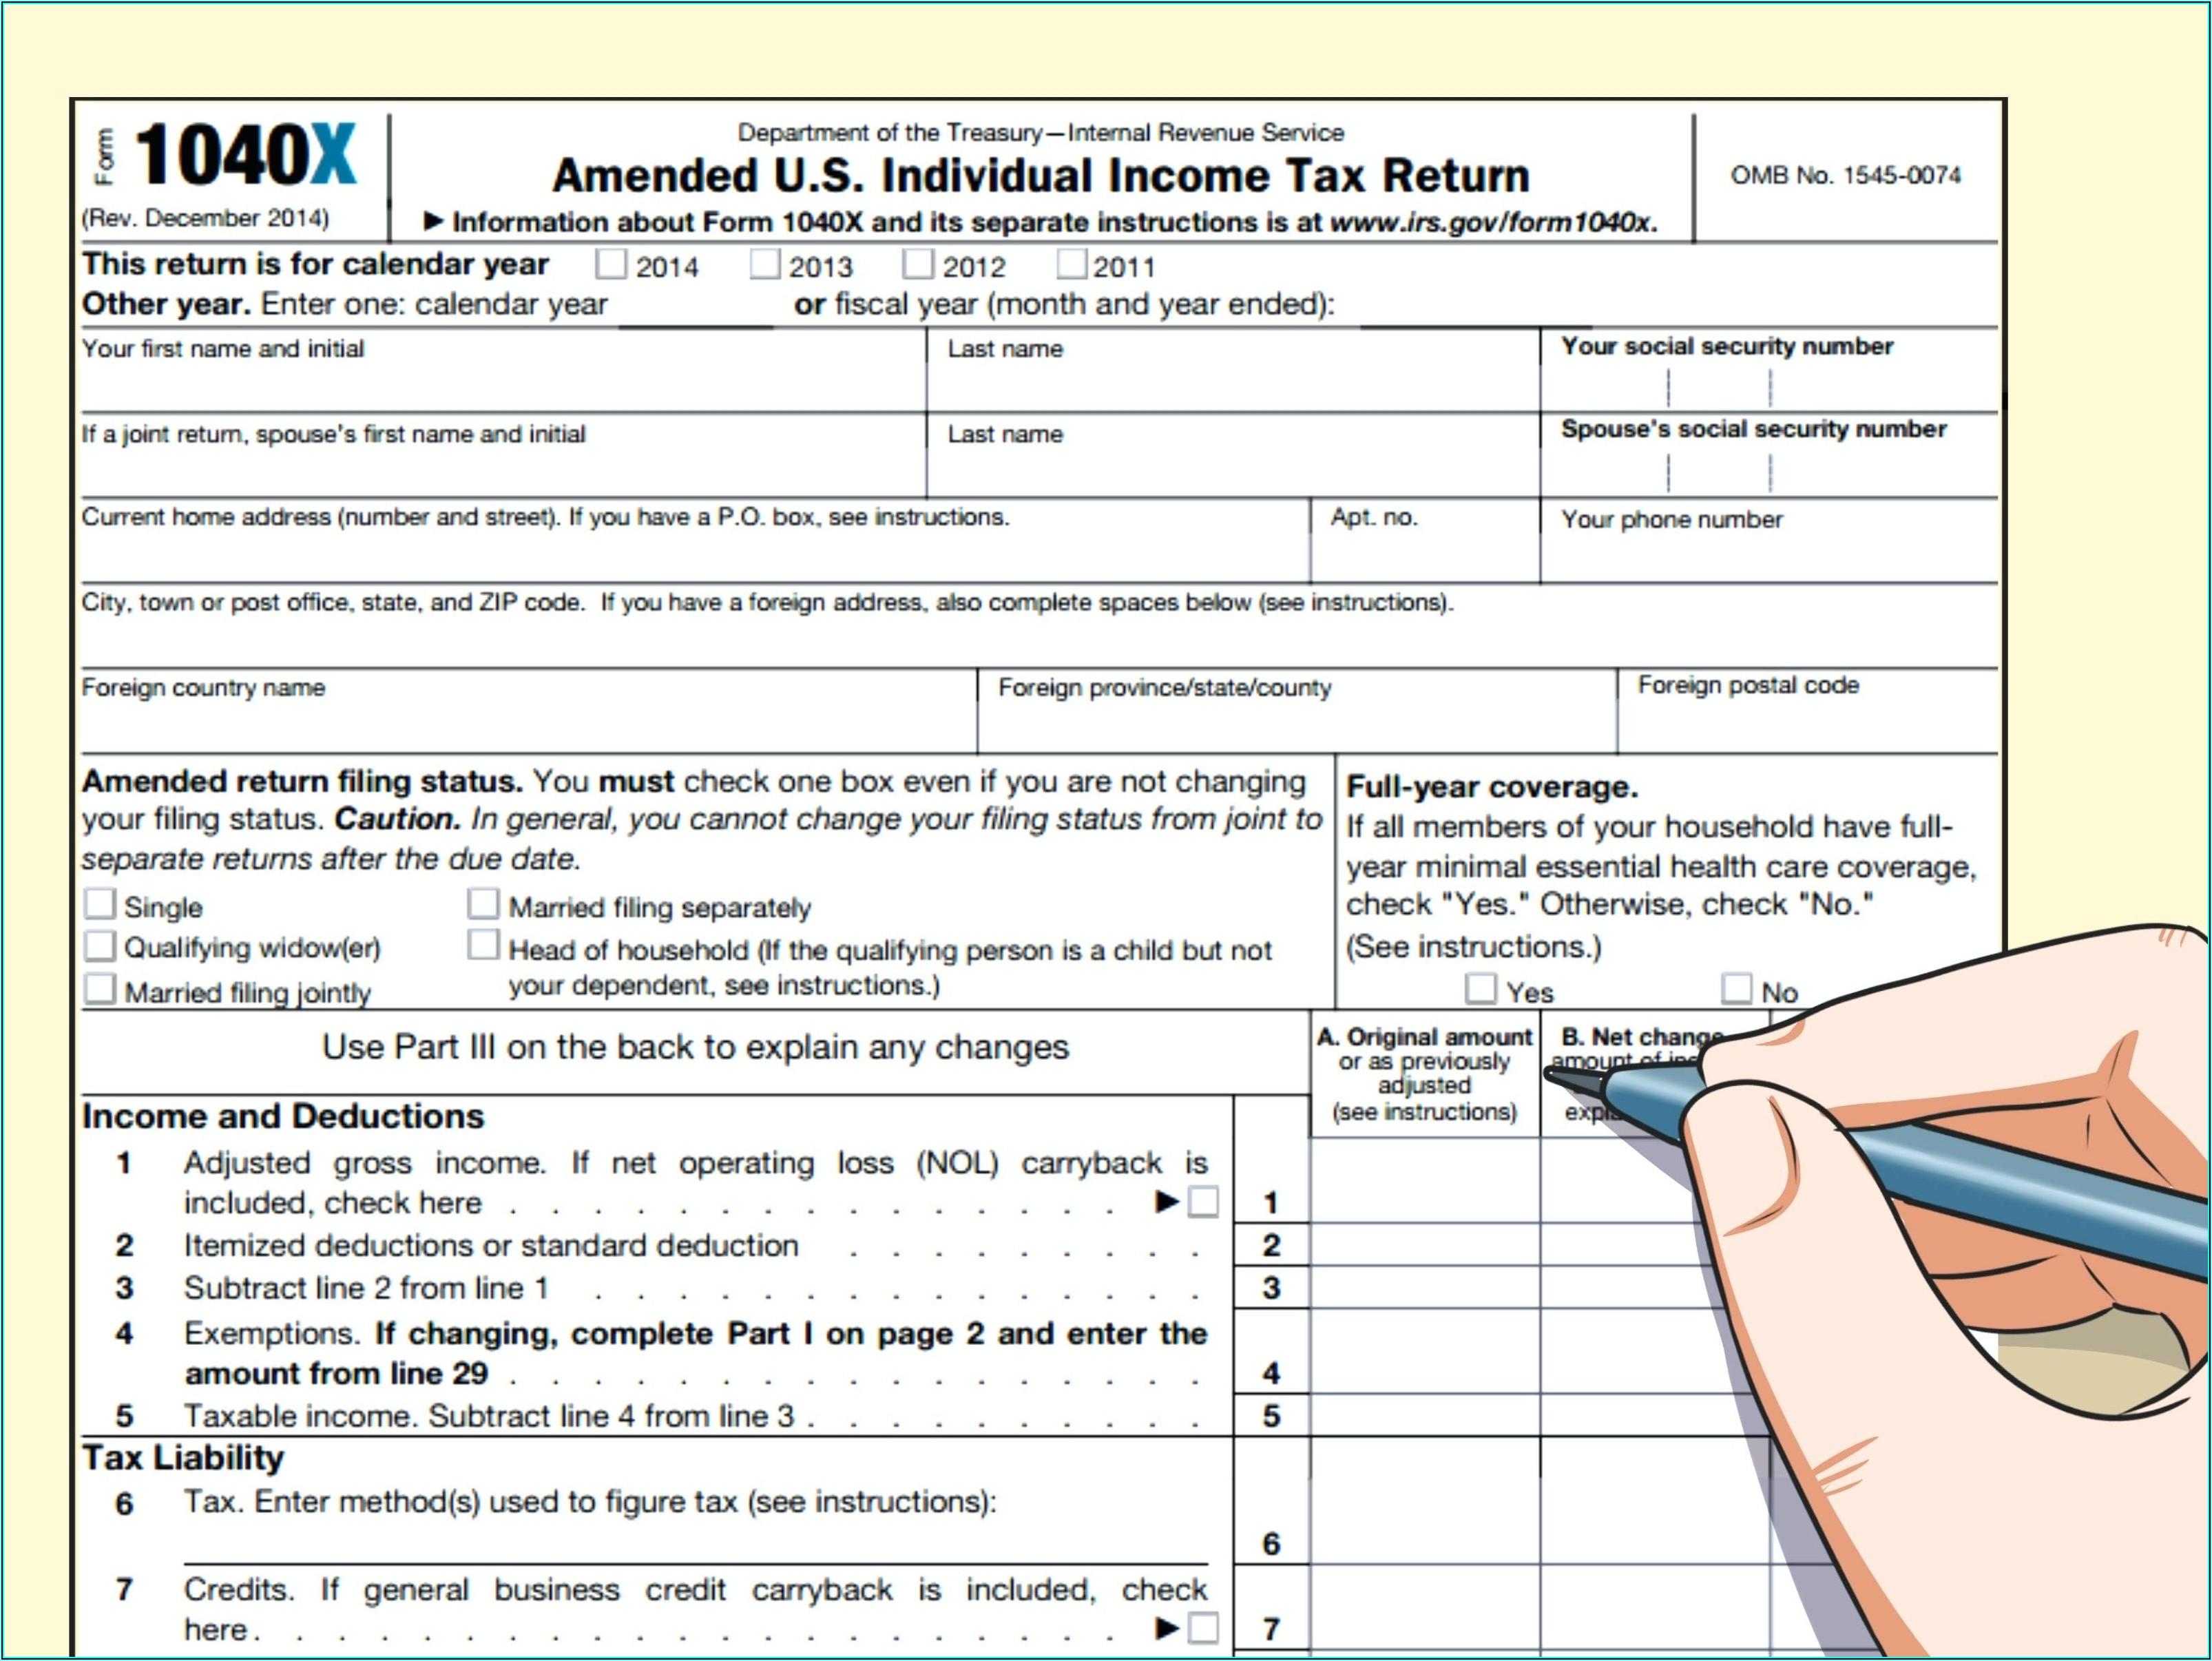 1040ez Form 2014 Instructions